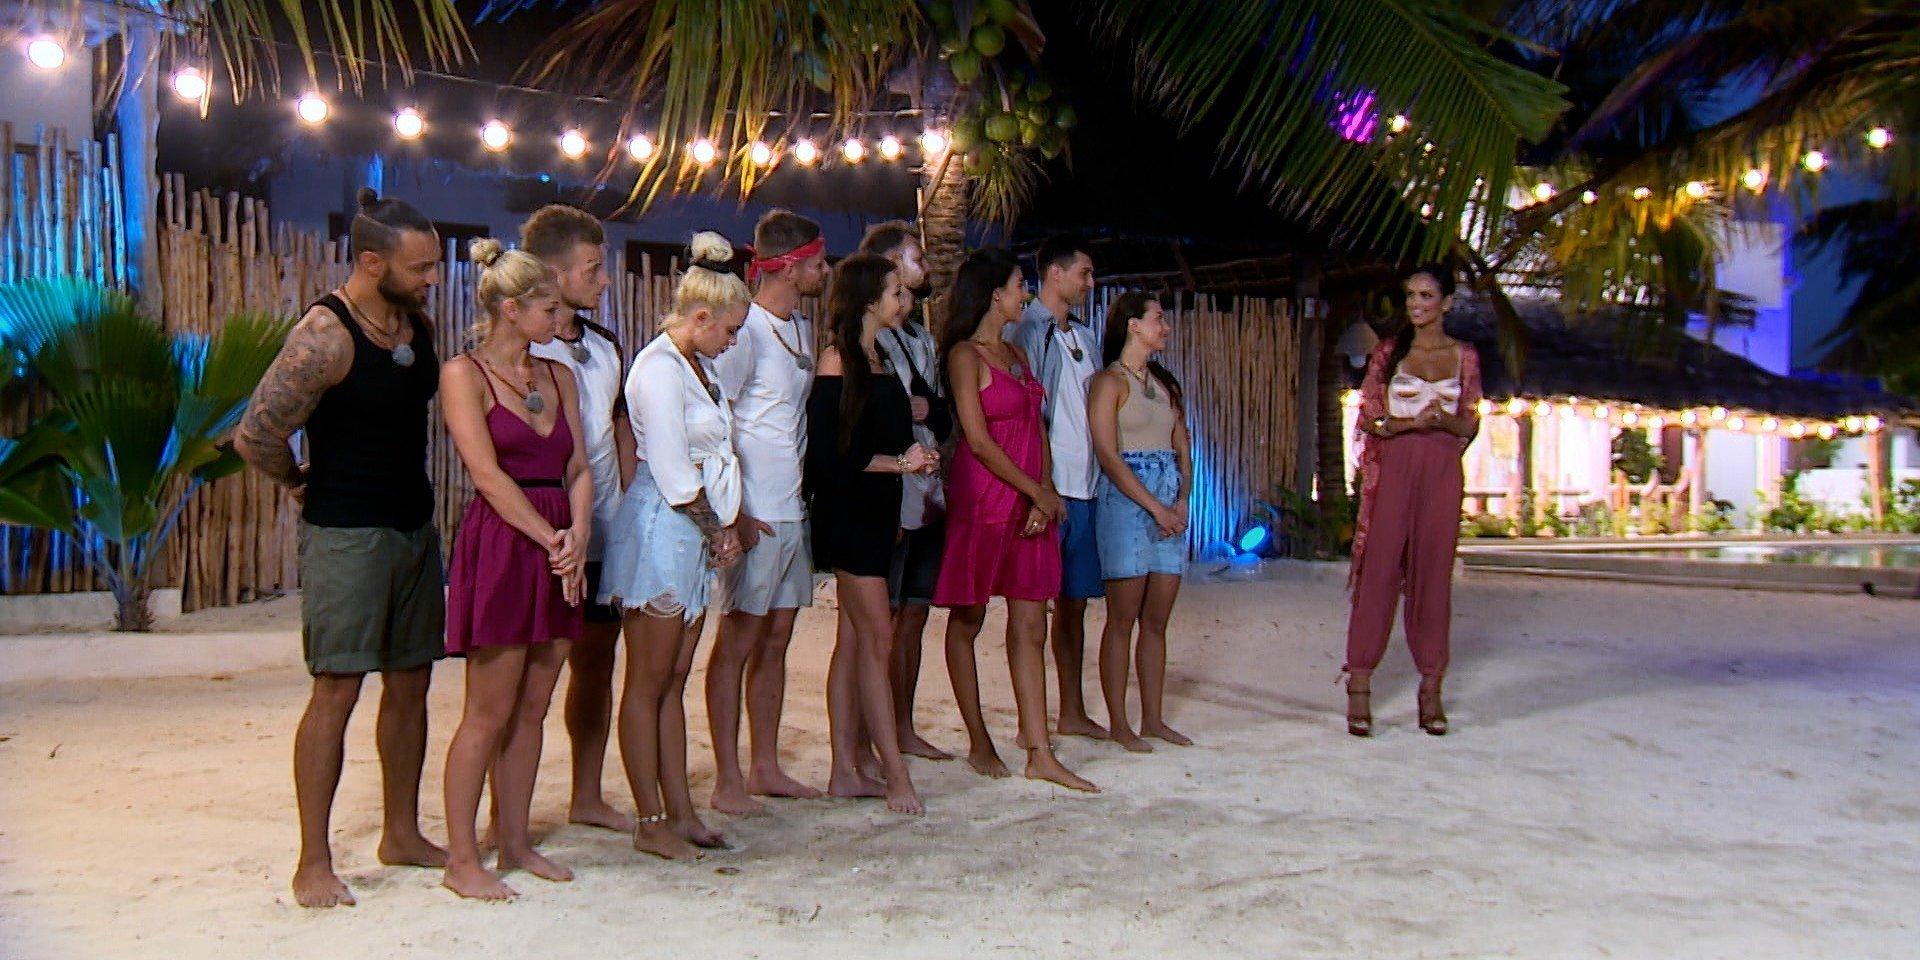 Hotel Paradise 3: zapowiedź odcinka 12